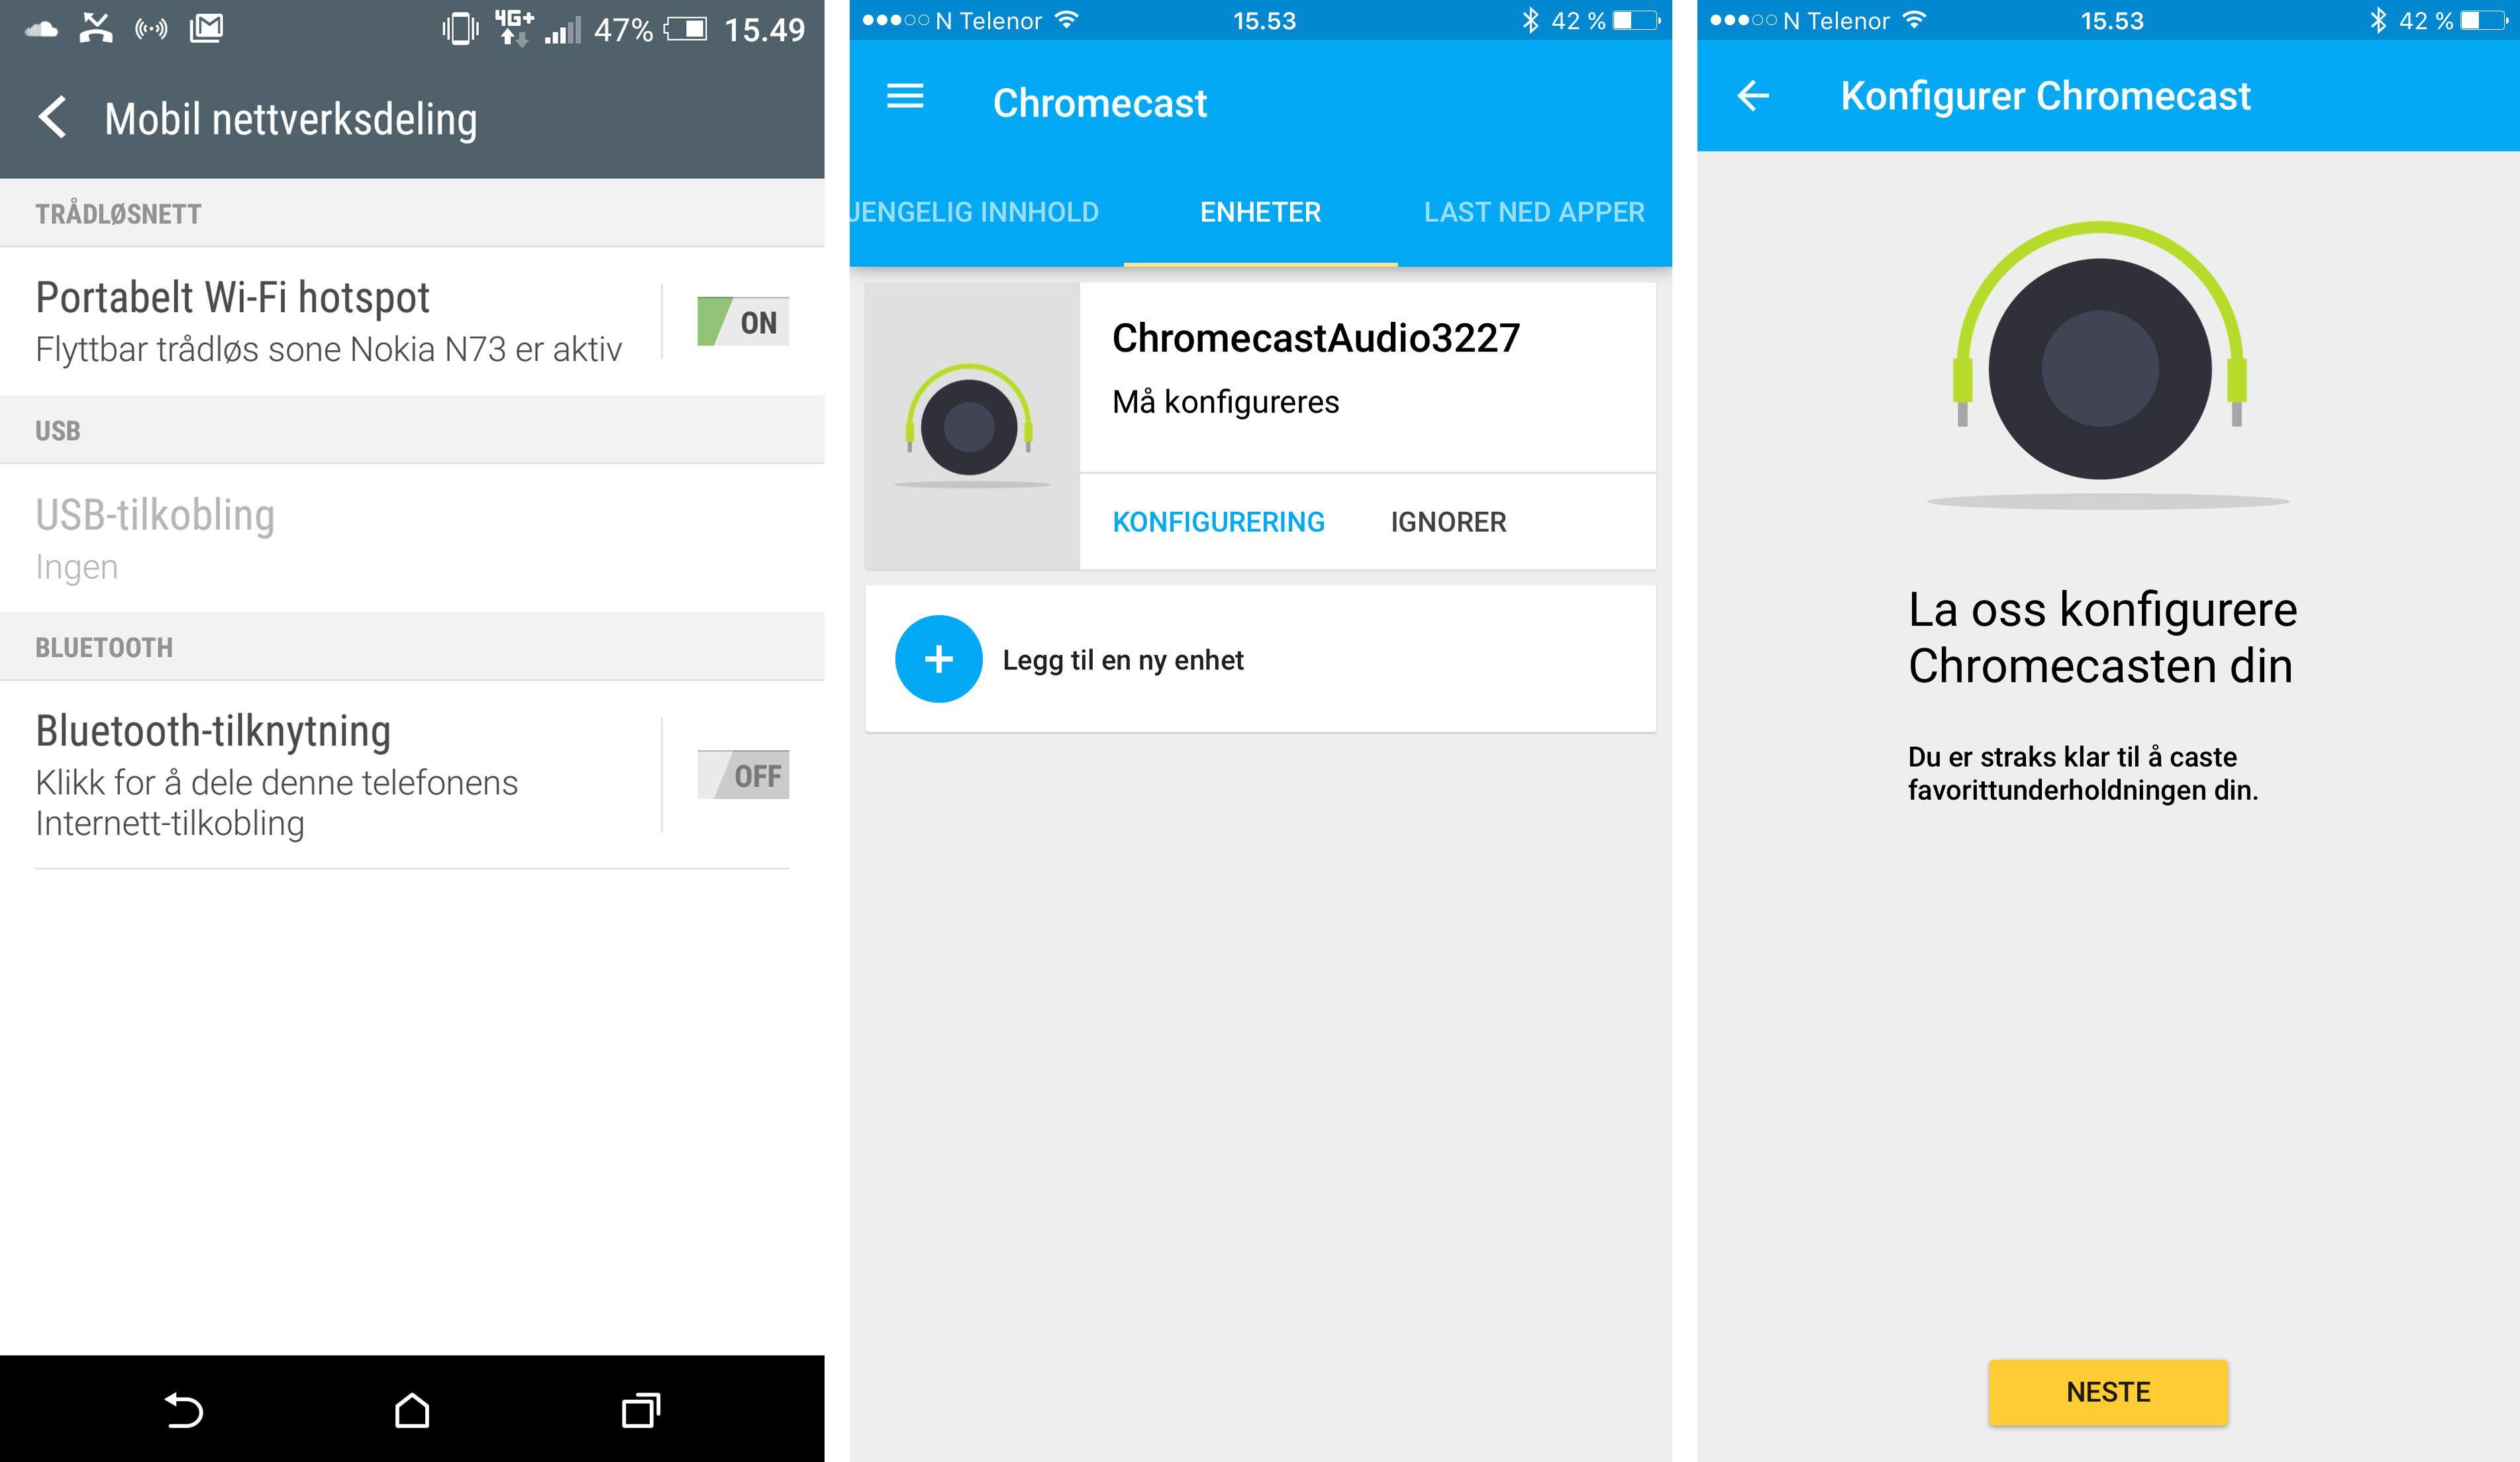 Det er optimalt å bruke en Android-telefon som hovedtelefon for dette prosjektet. Vi har valgt å sette innstillingene fra en iPhone. Det første du må gjøre er å aktivere trådløs nettverksdeling fra hovedtelefonen. Deretter kobler du telefon nummer to til nettverket som deles, og følger instruksjonene fra Chromecast-appen.